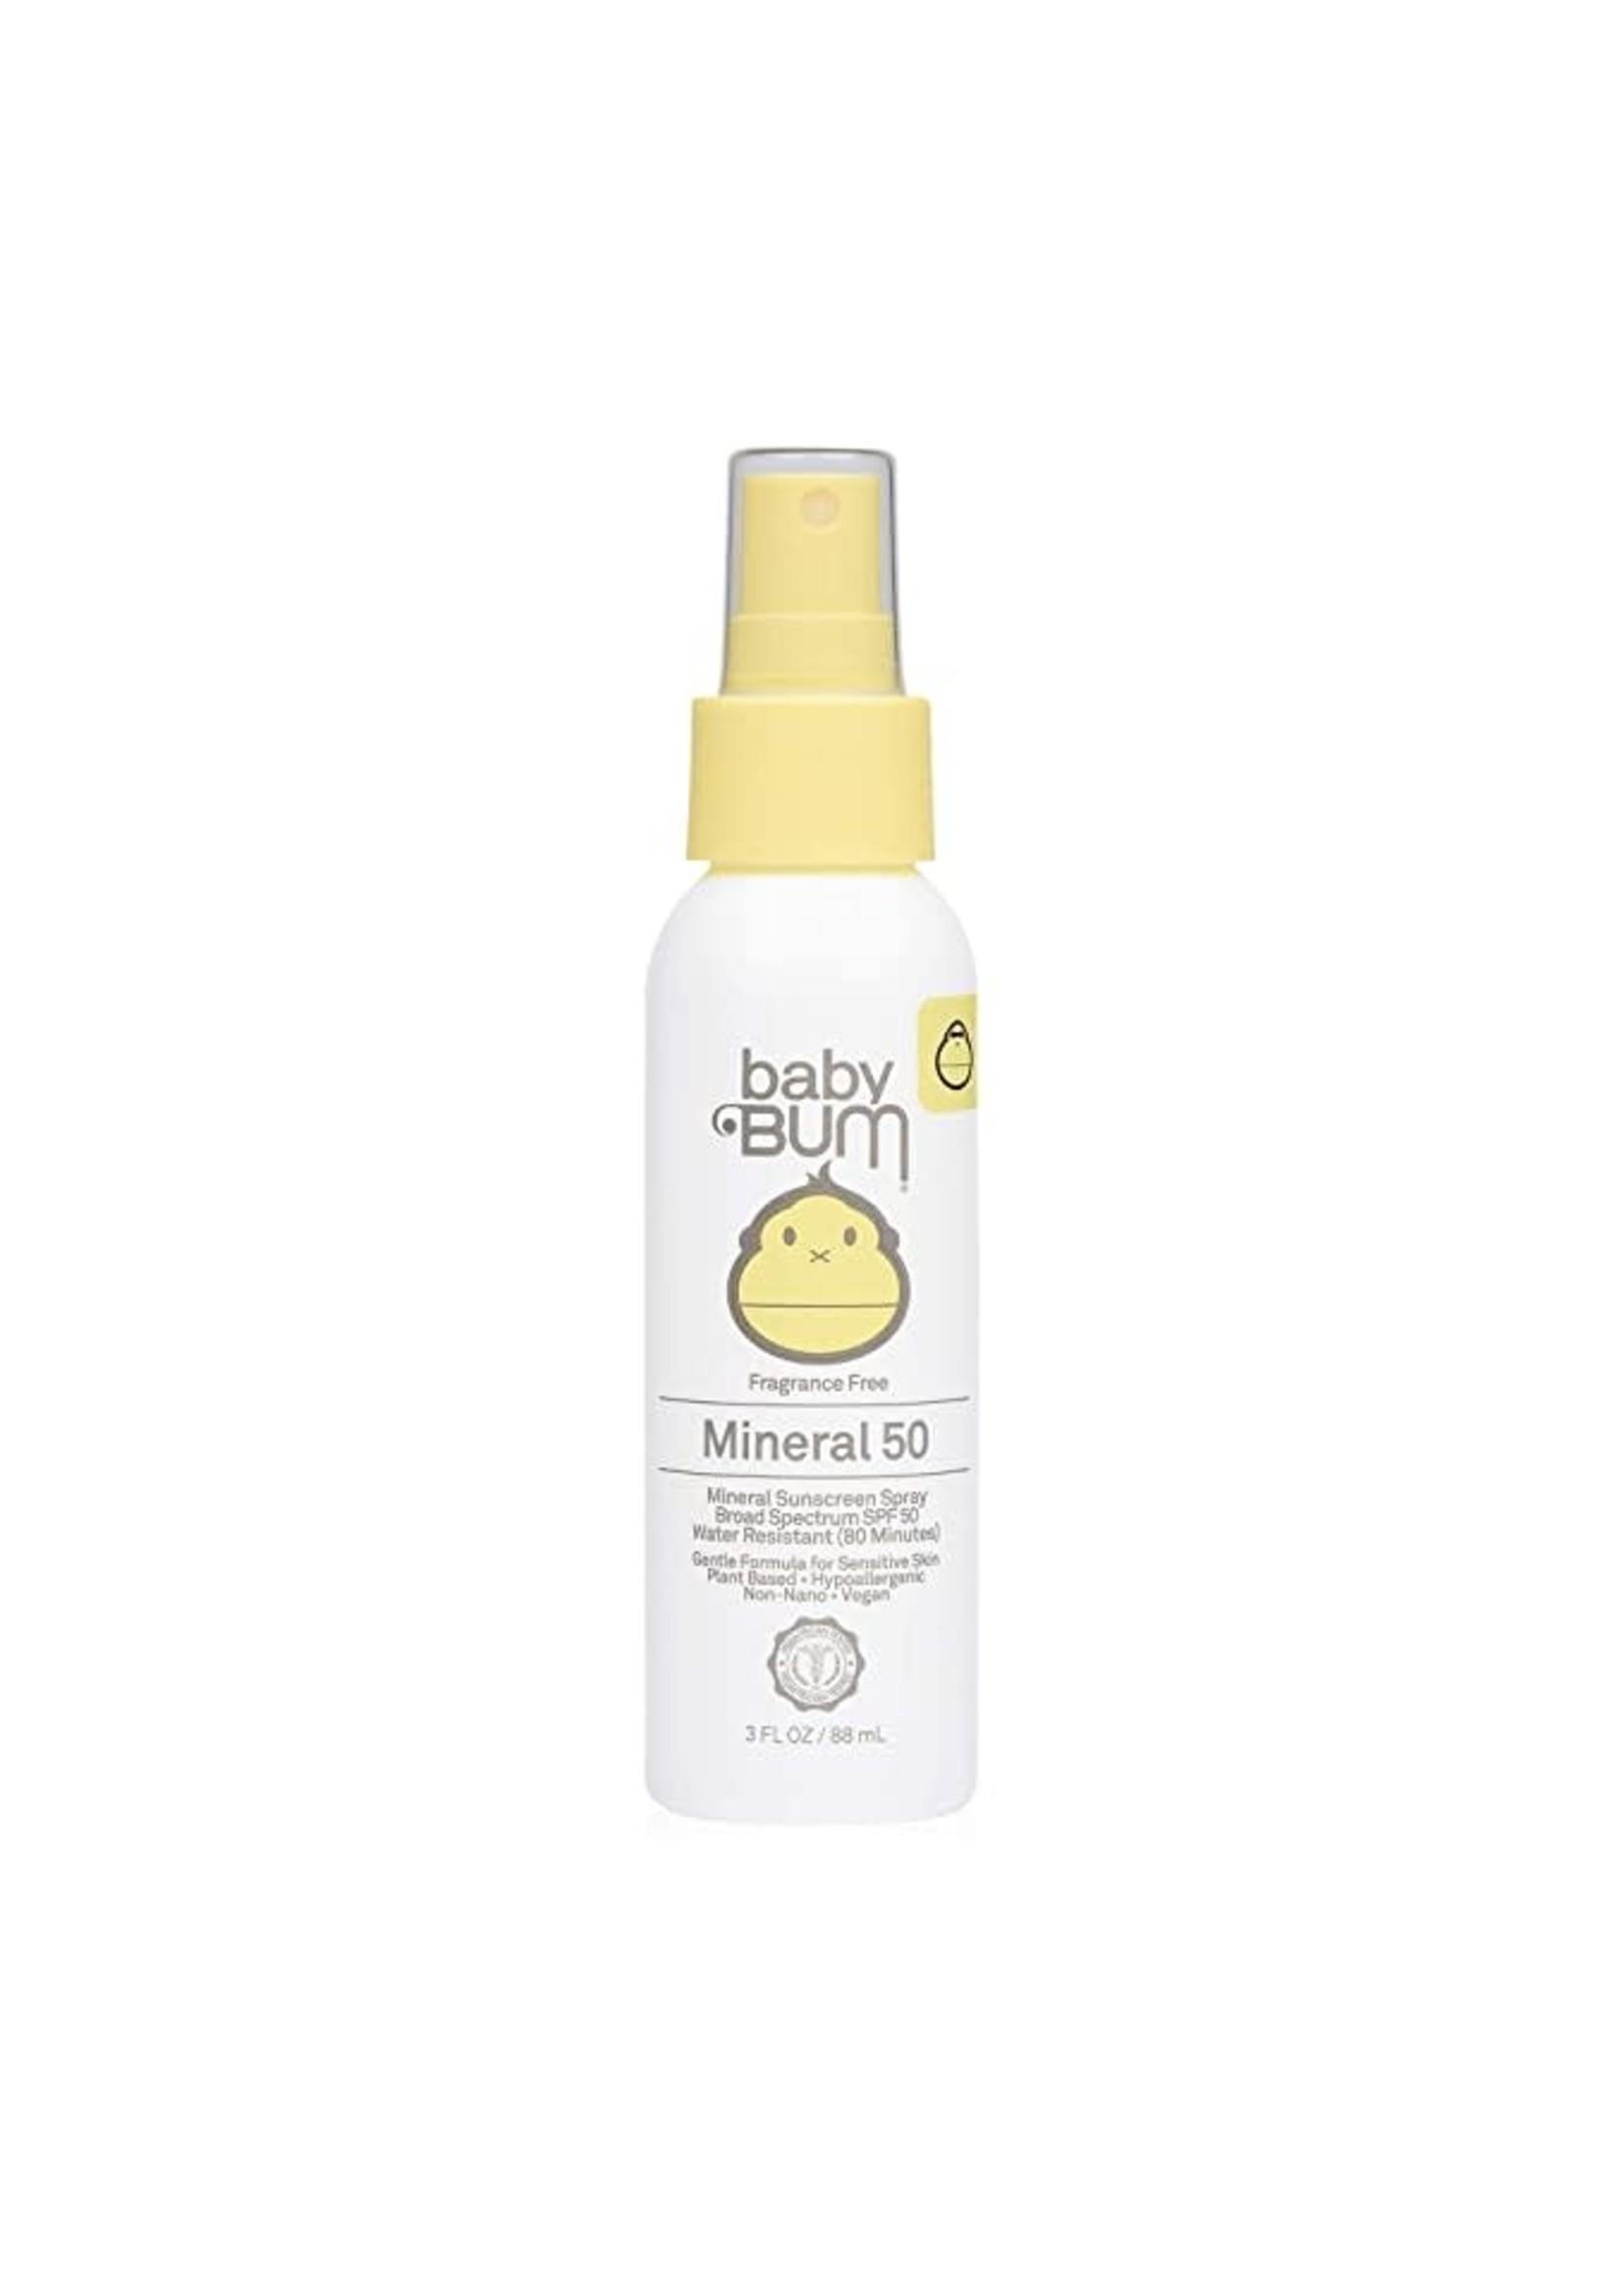 Sun Bum Sun Bum Mineral 50 Sunscreen Spray Lotion